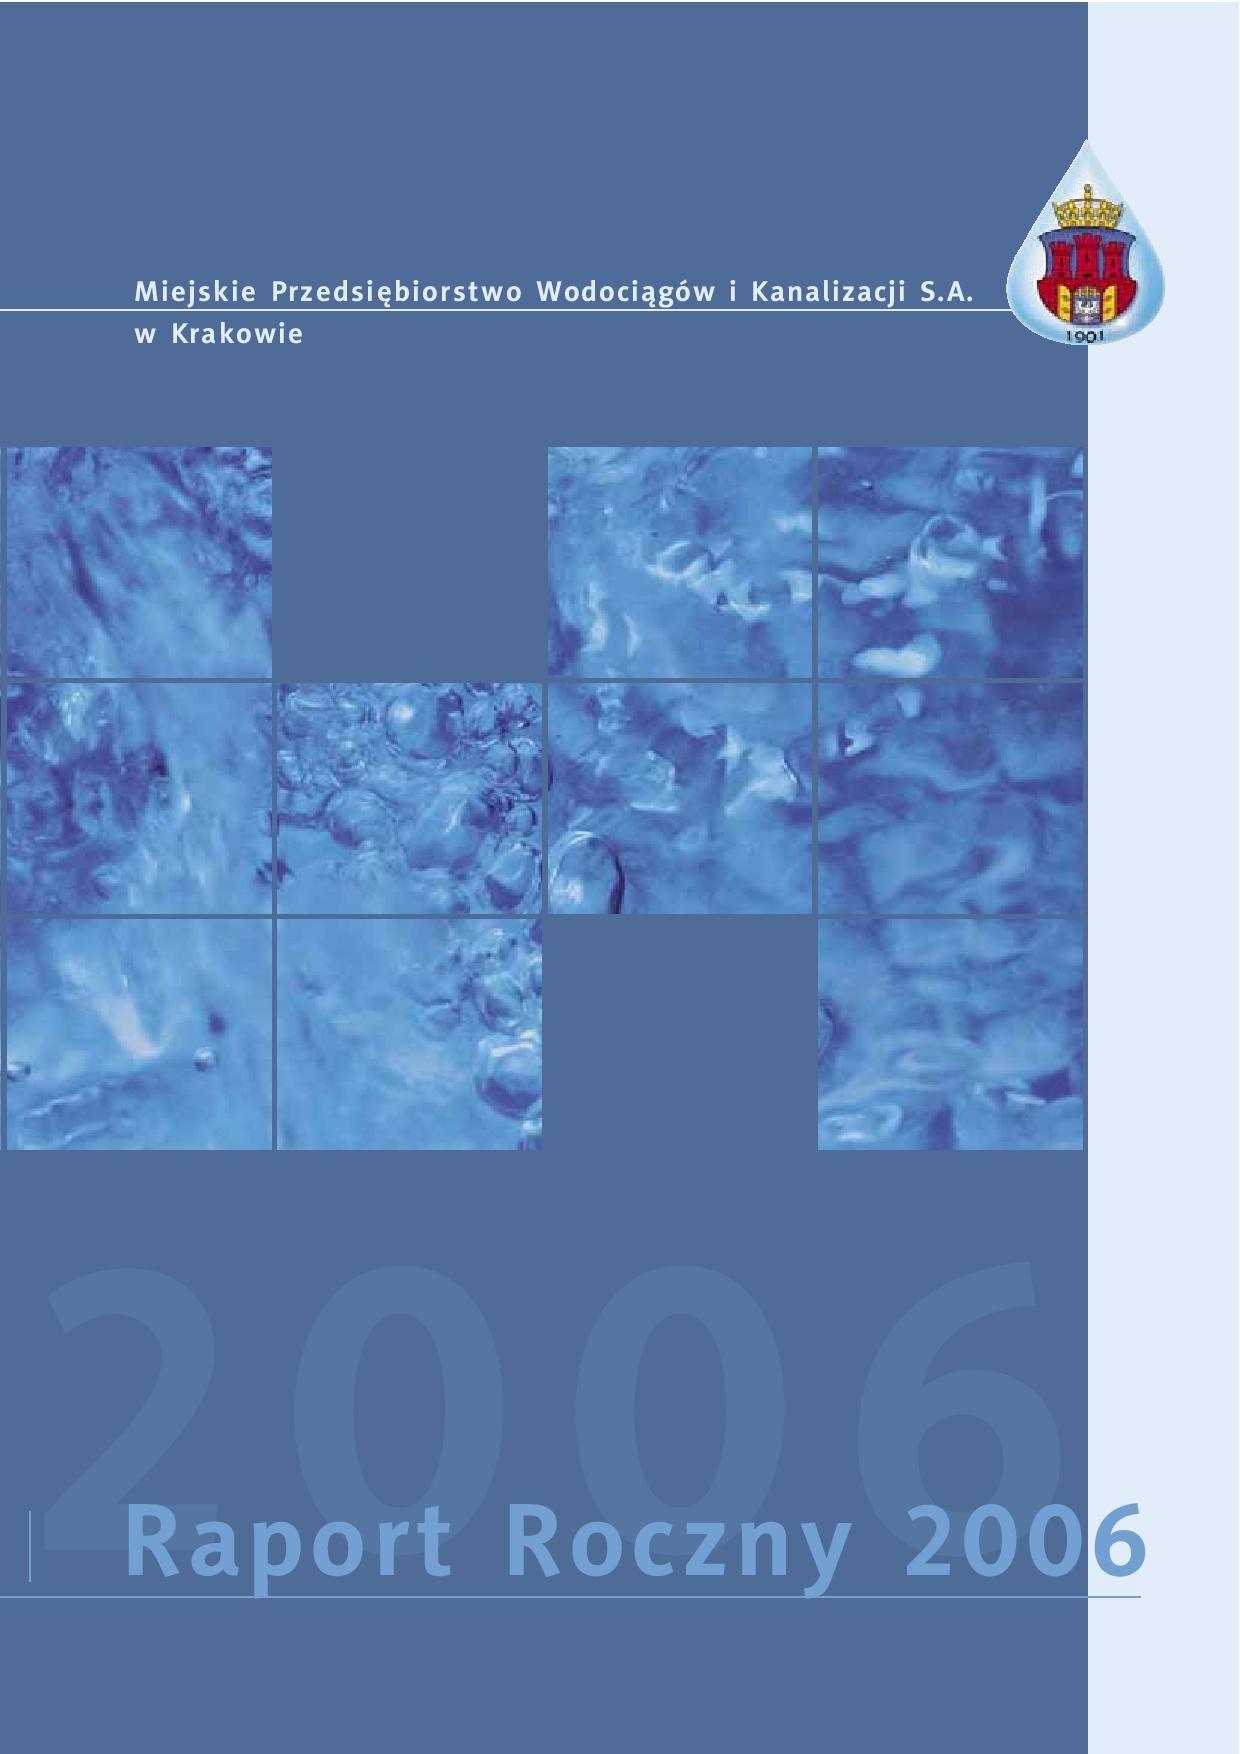 Tytuł: Zobacz raport - 2006 - poszczególne strony dostępne tylko po kliknieciu na link